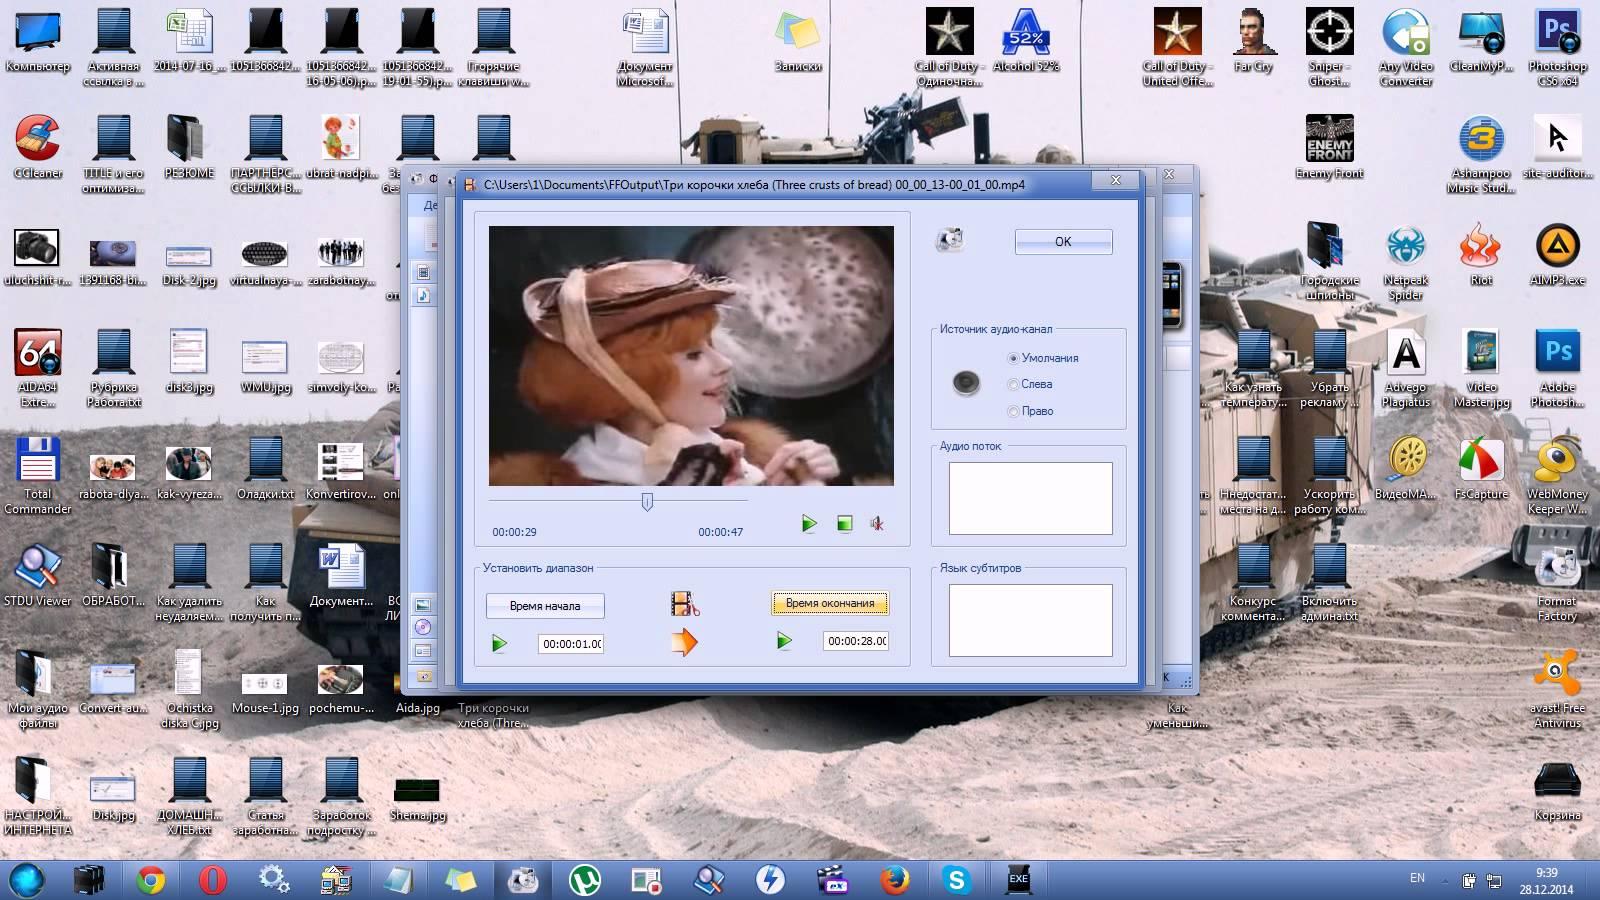 Вырезать музыку из видео онлайн: Слушаем концертные записи и вебинары